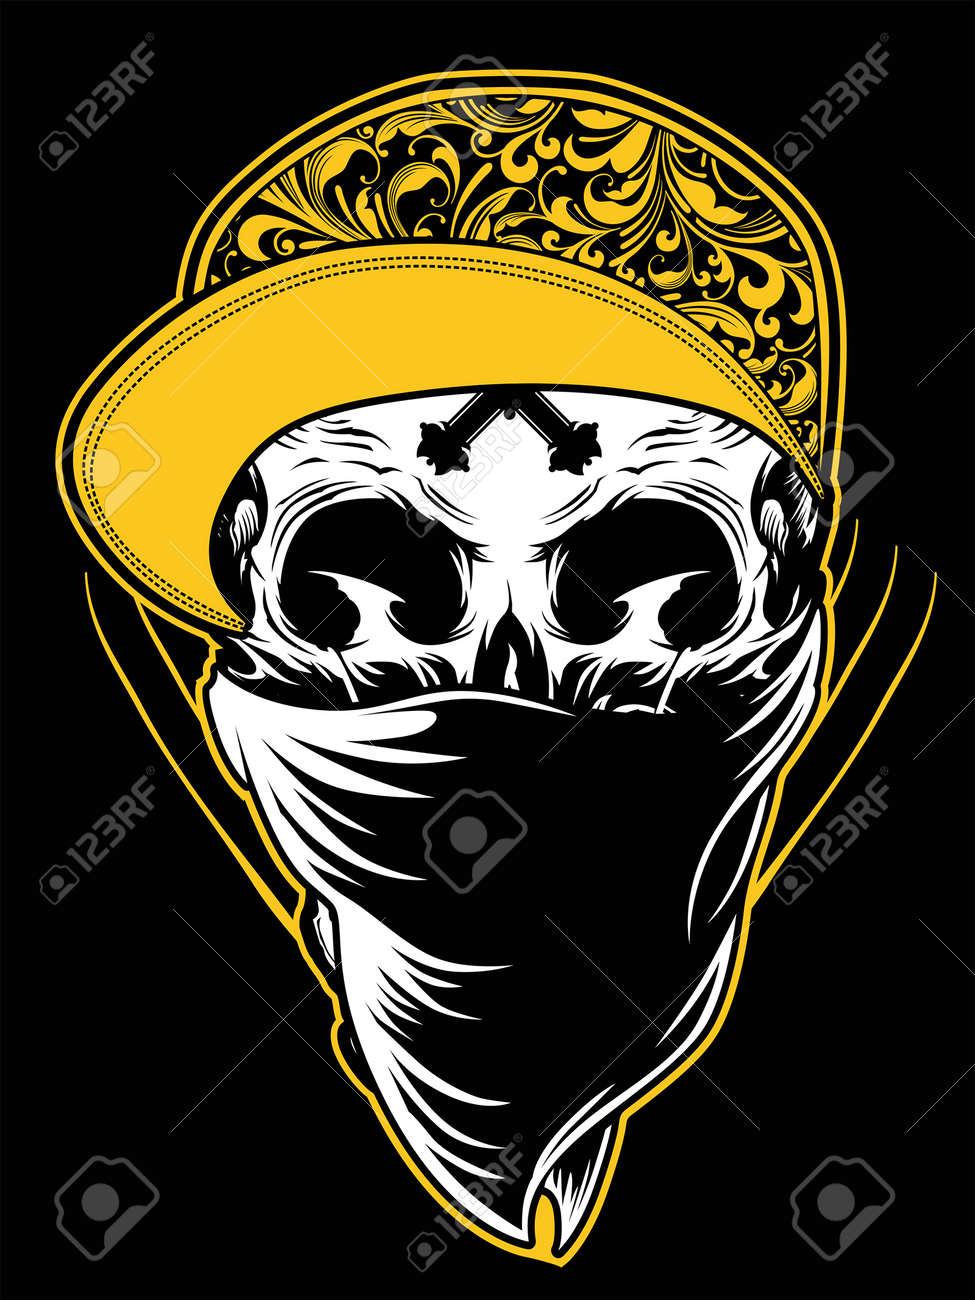 Skull Gangster Illustration Stock Vector - 27444086